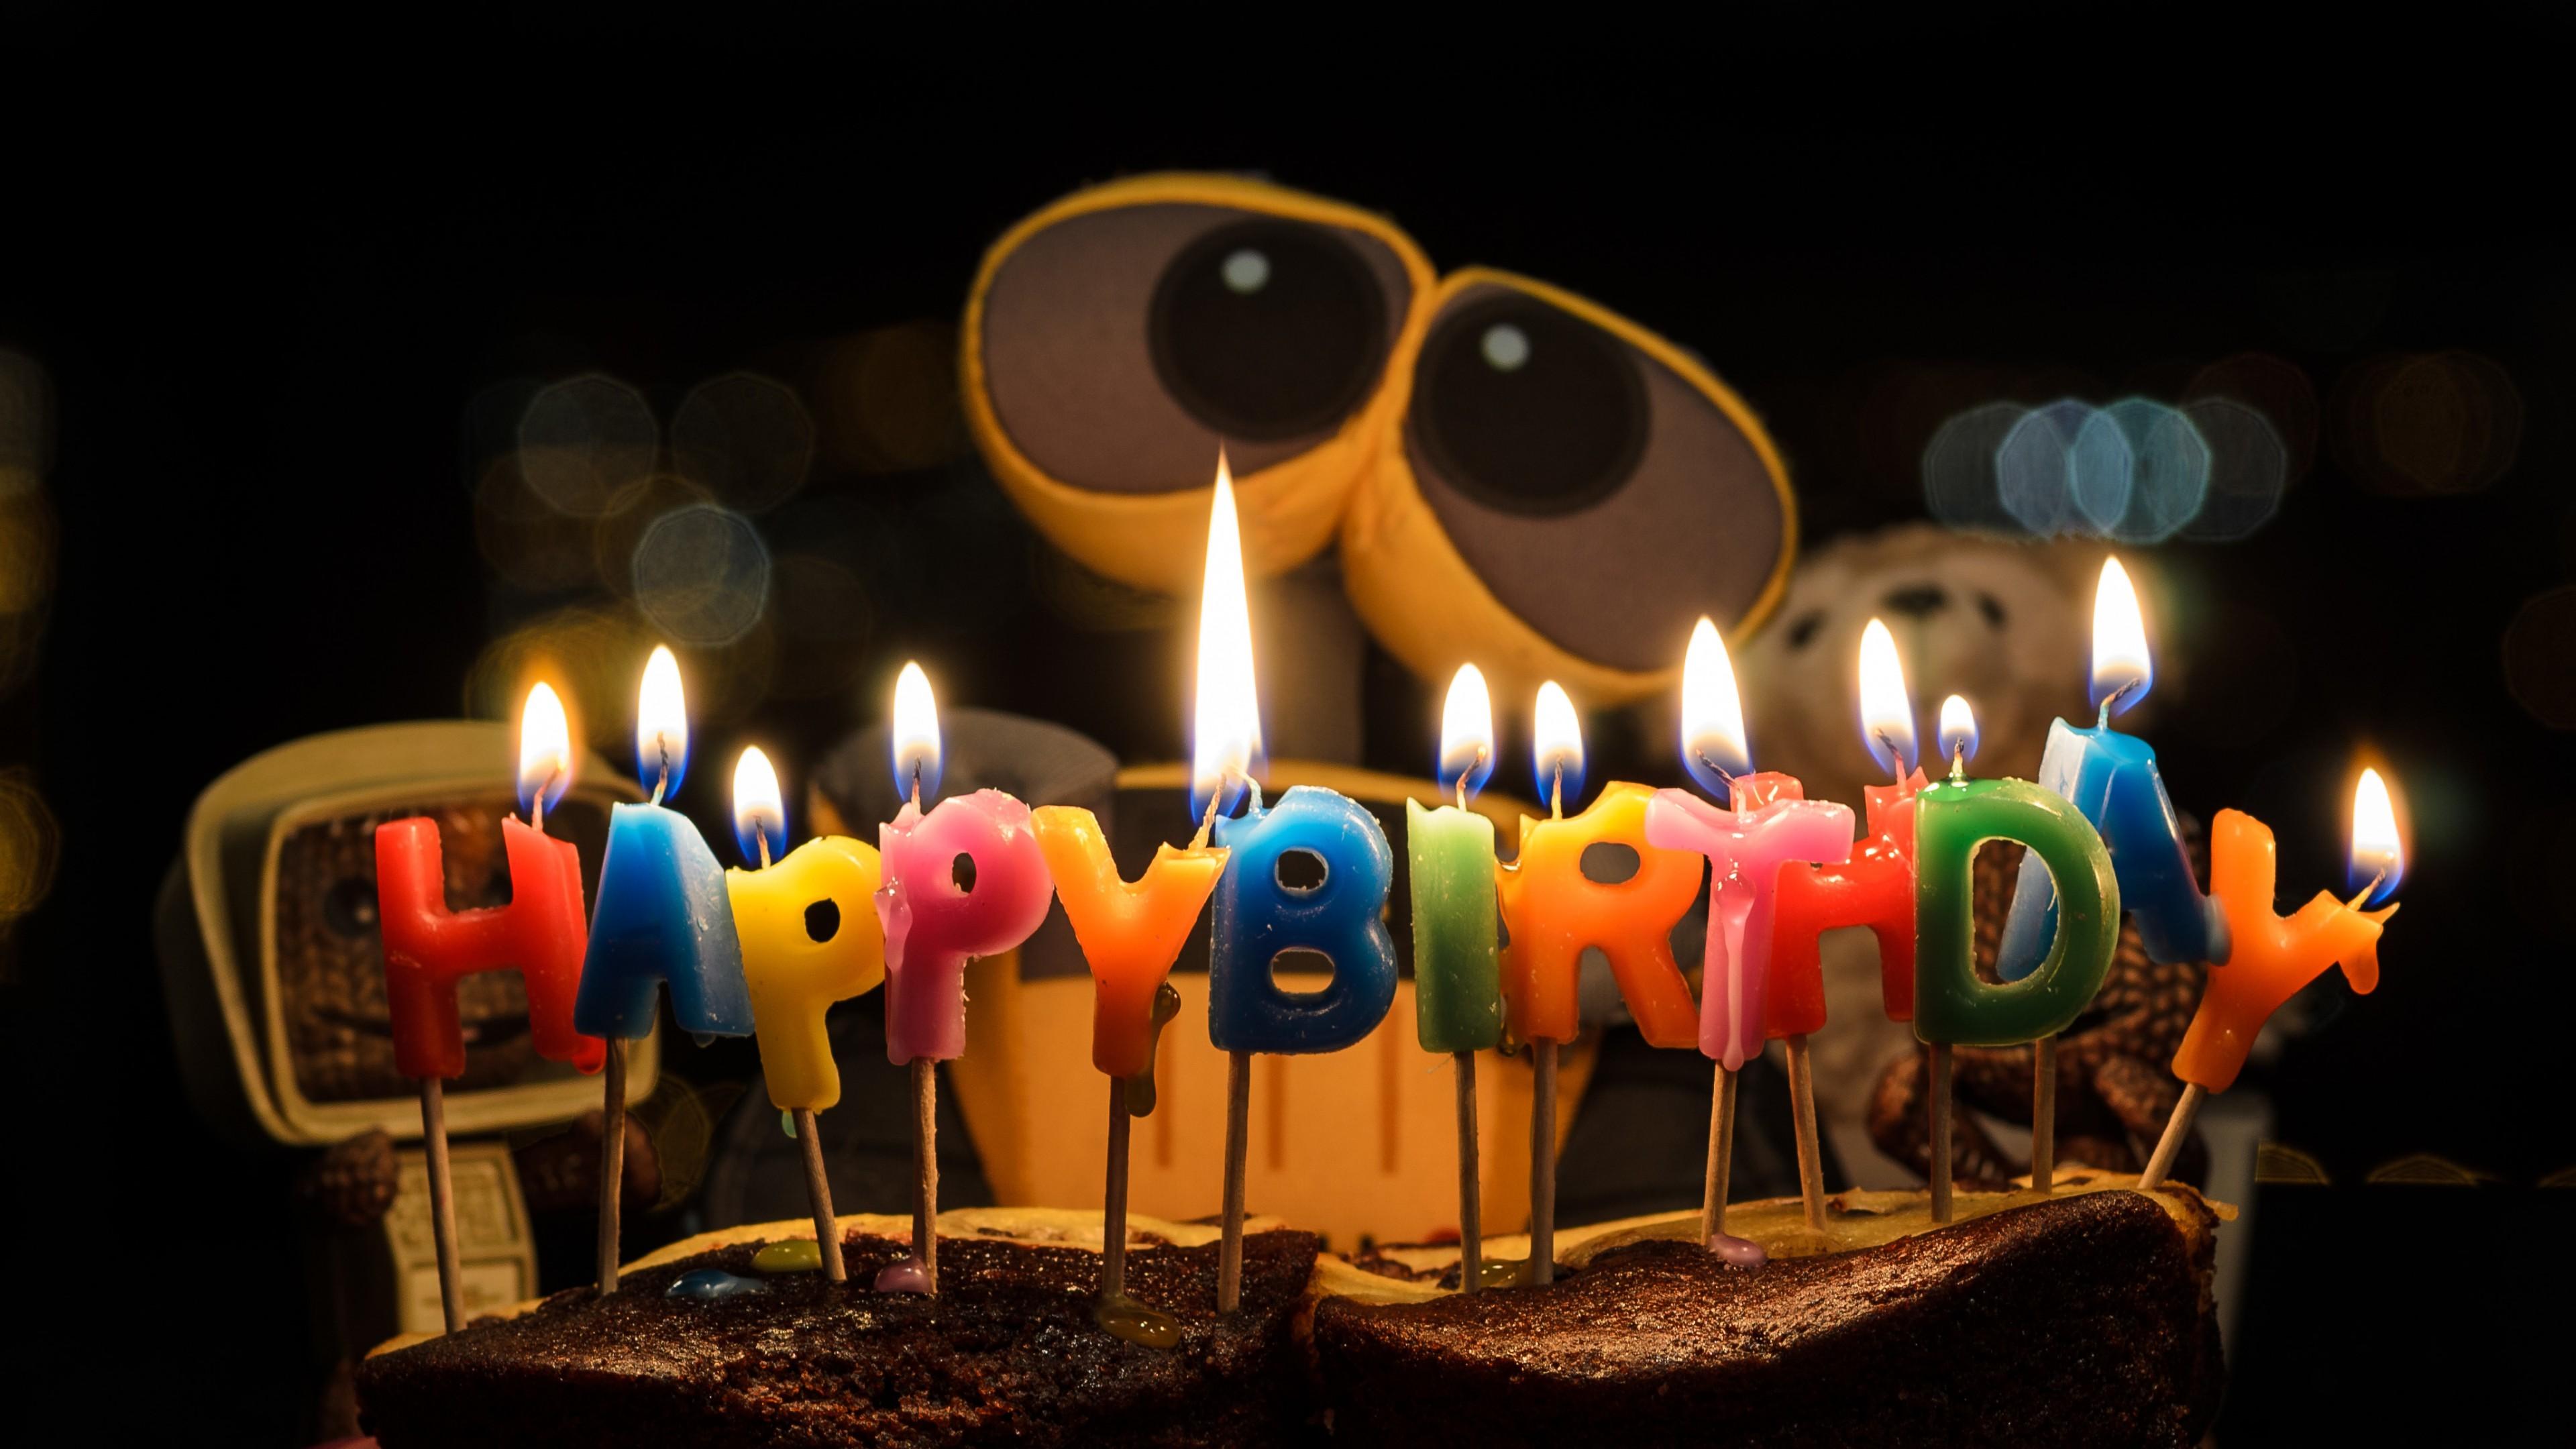 """Долгожданный подарок -робот на фоне красочных букв свечей"""" С днем рождения"""""""